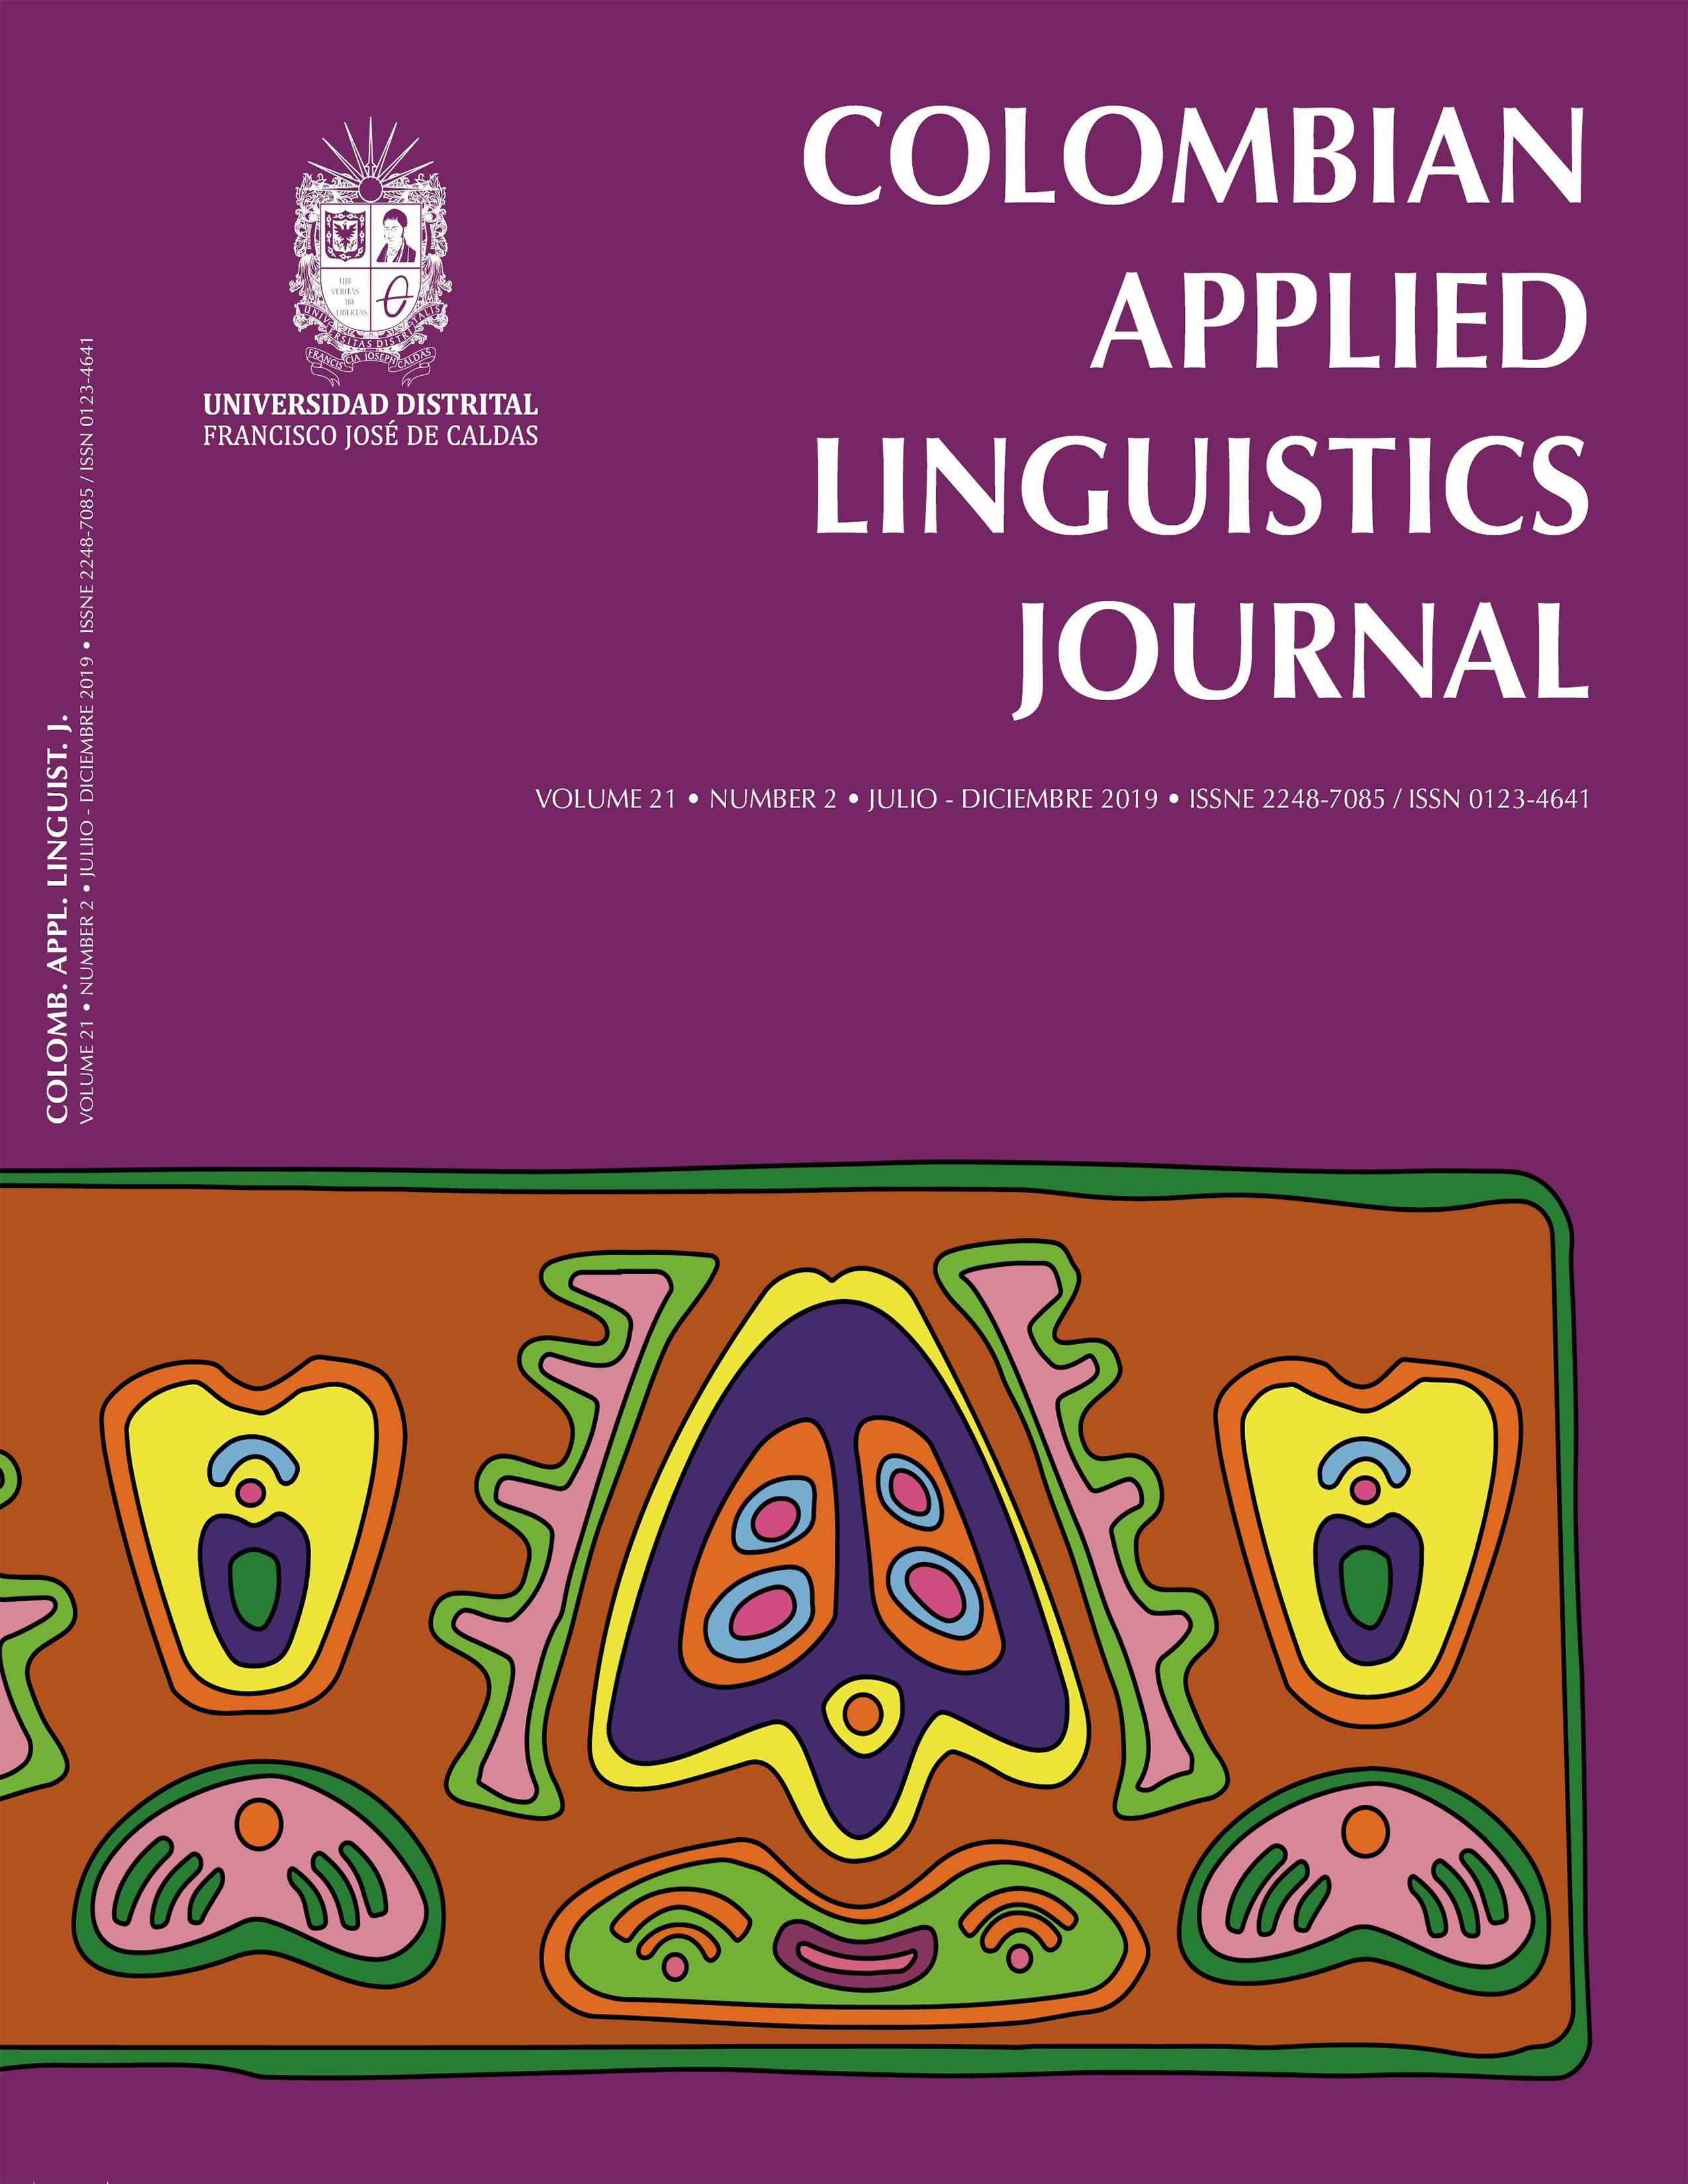 cover-issue-971-en-us.jpg